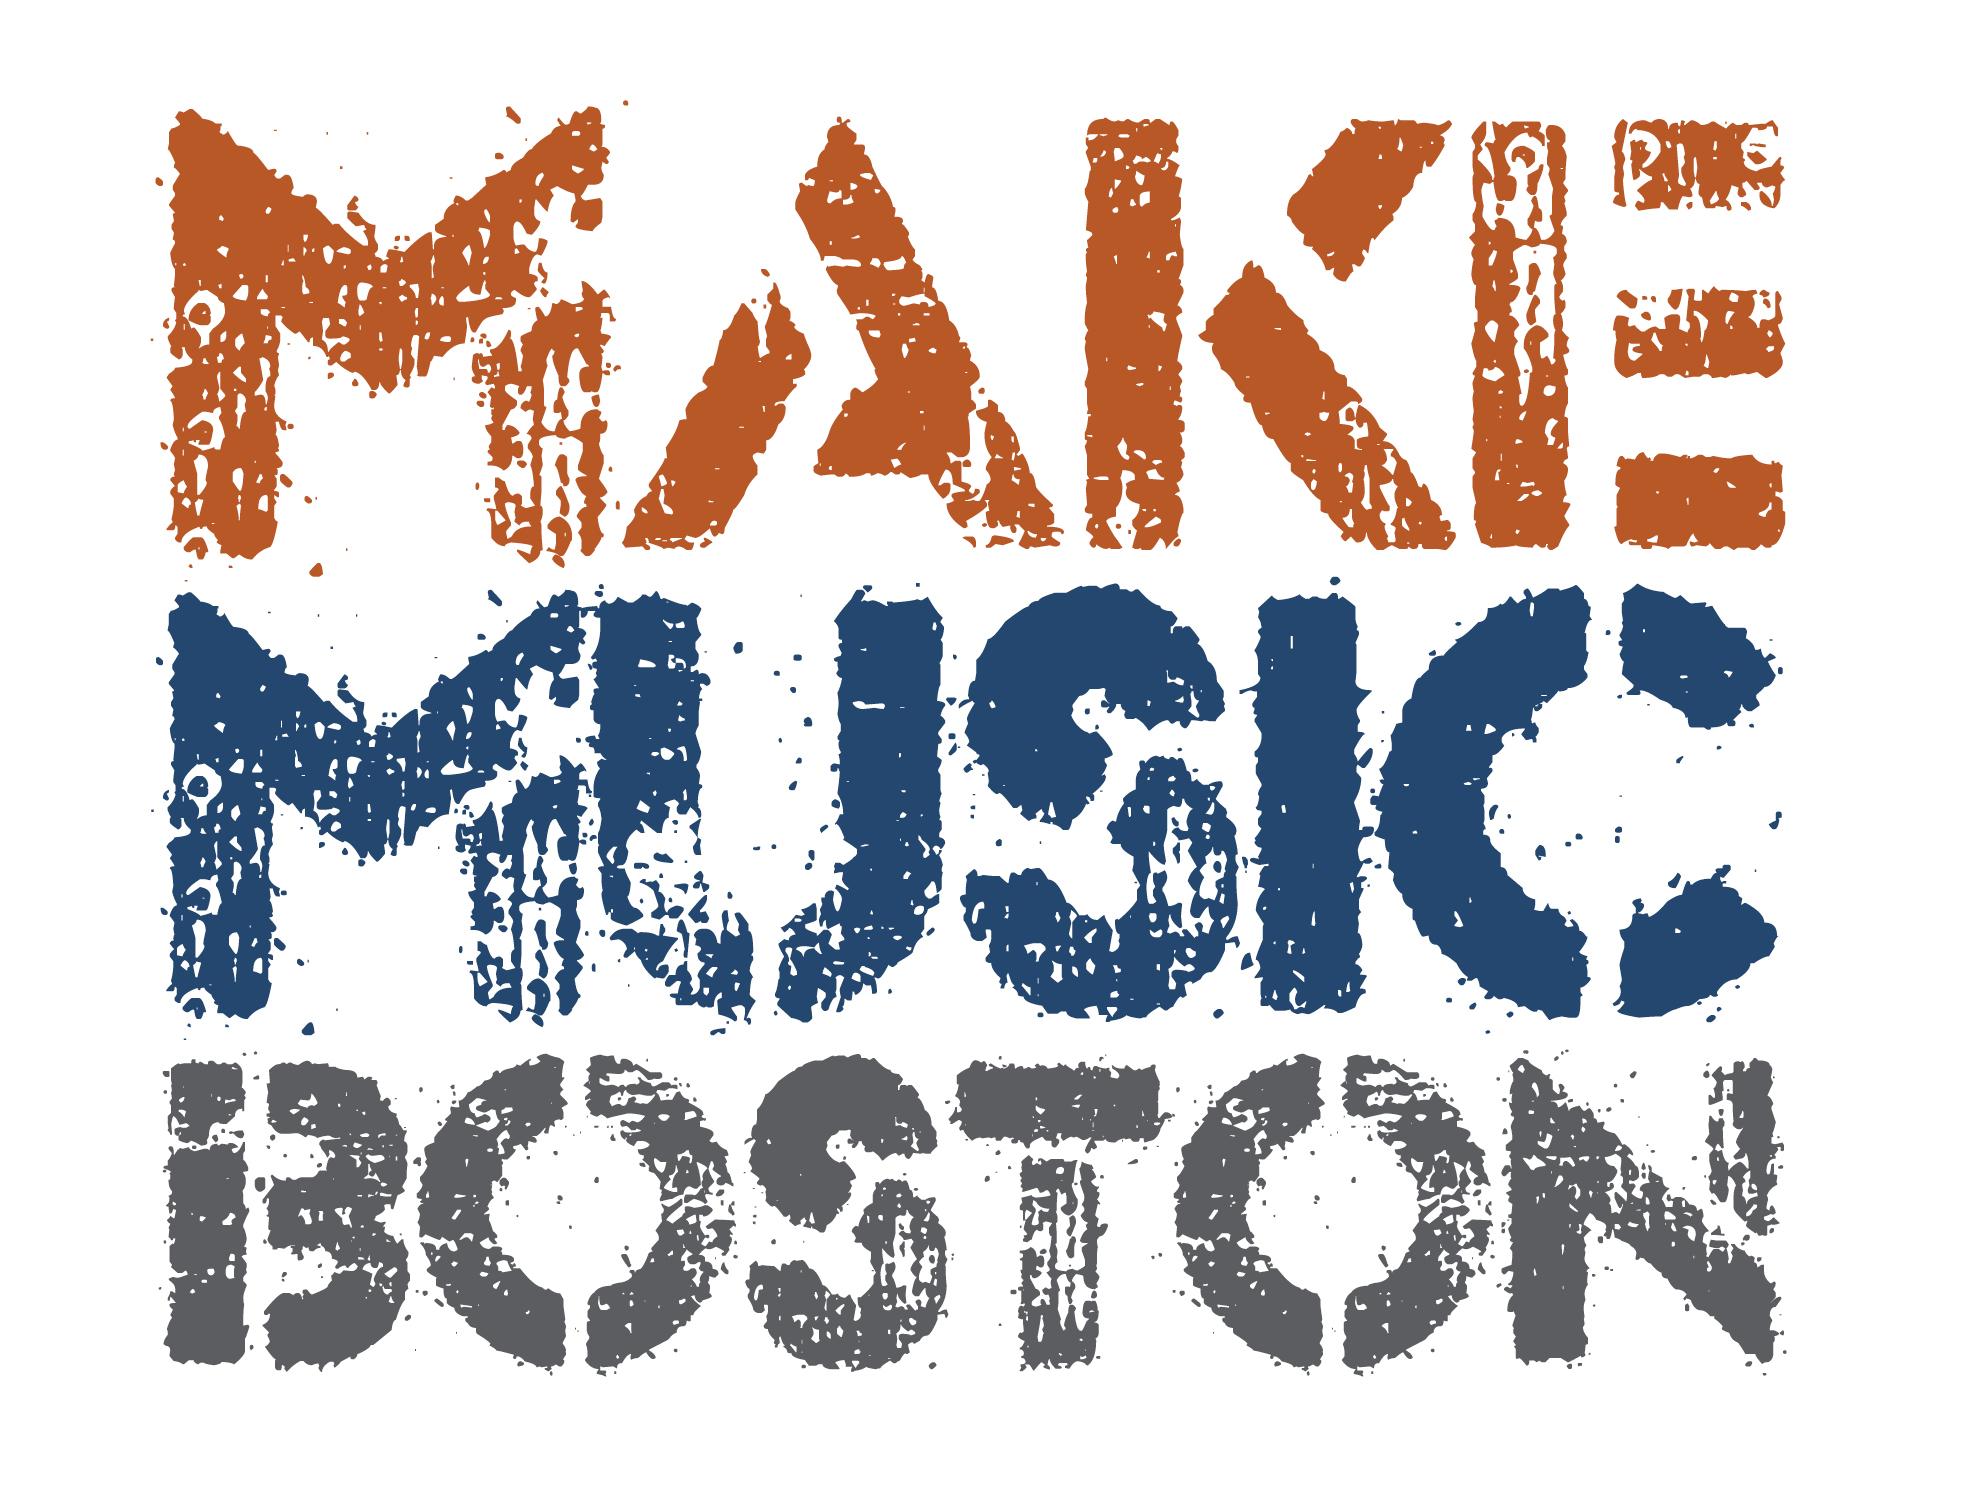 Go to  www.makemusicboston.org  for more info!